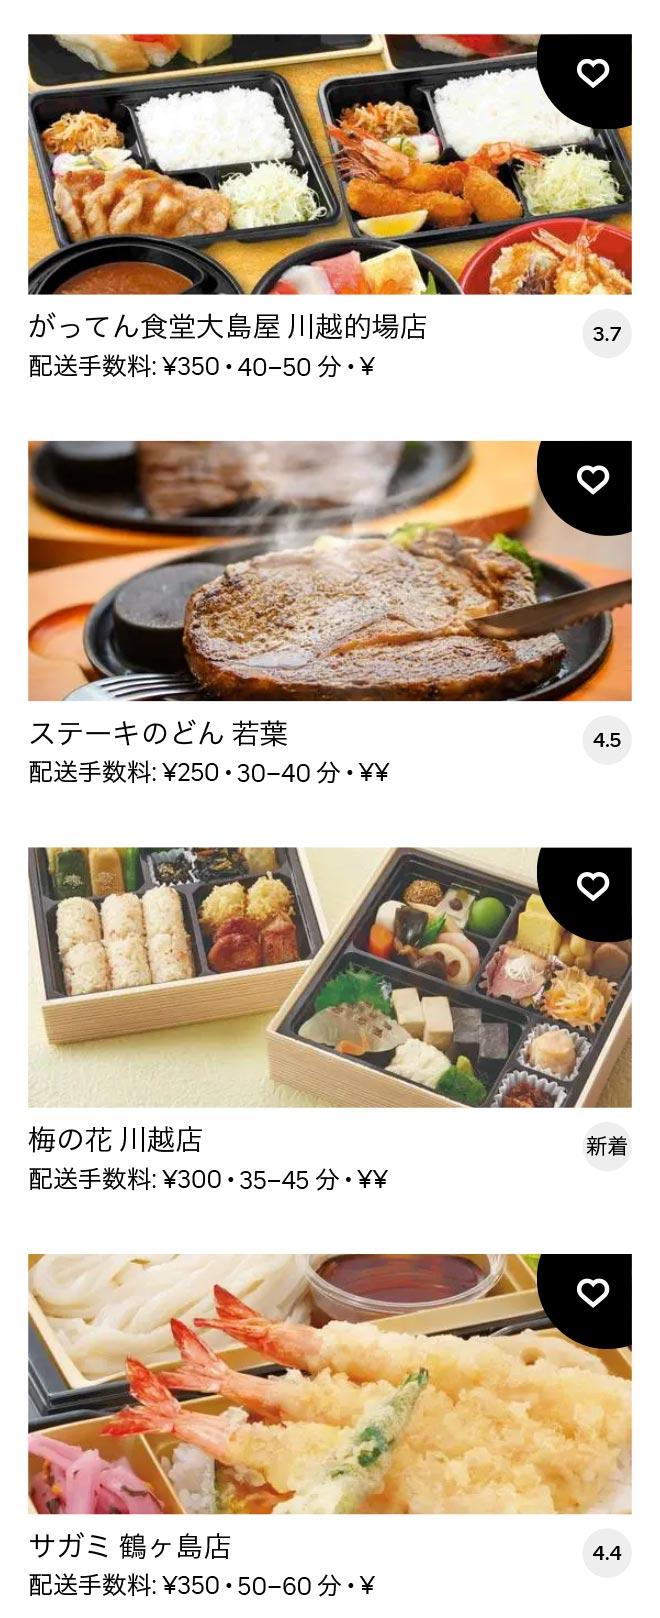 Tsurugashima menu 2101 08